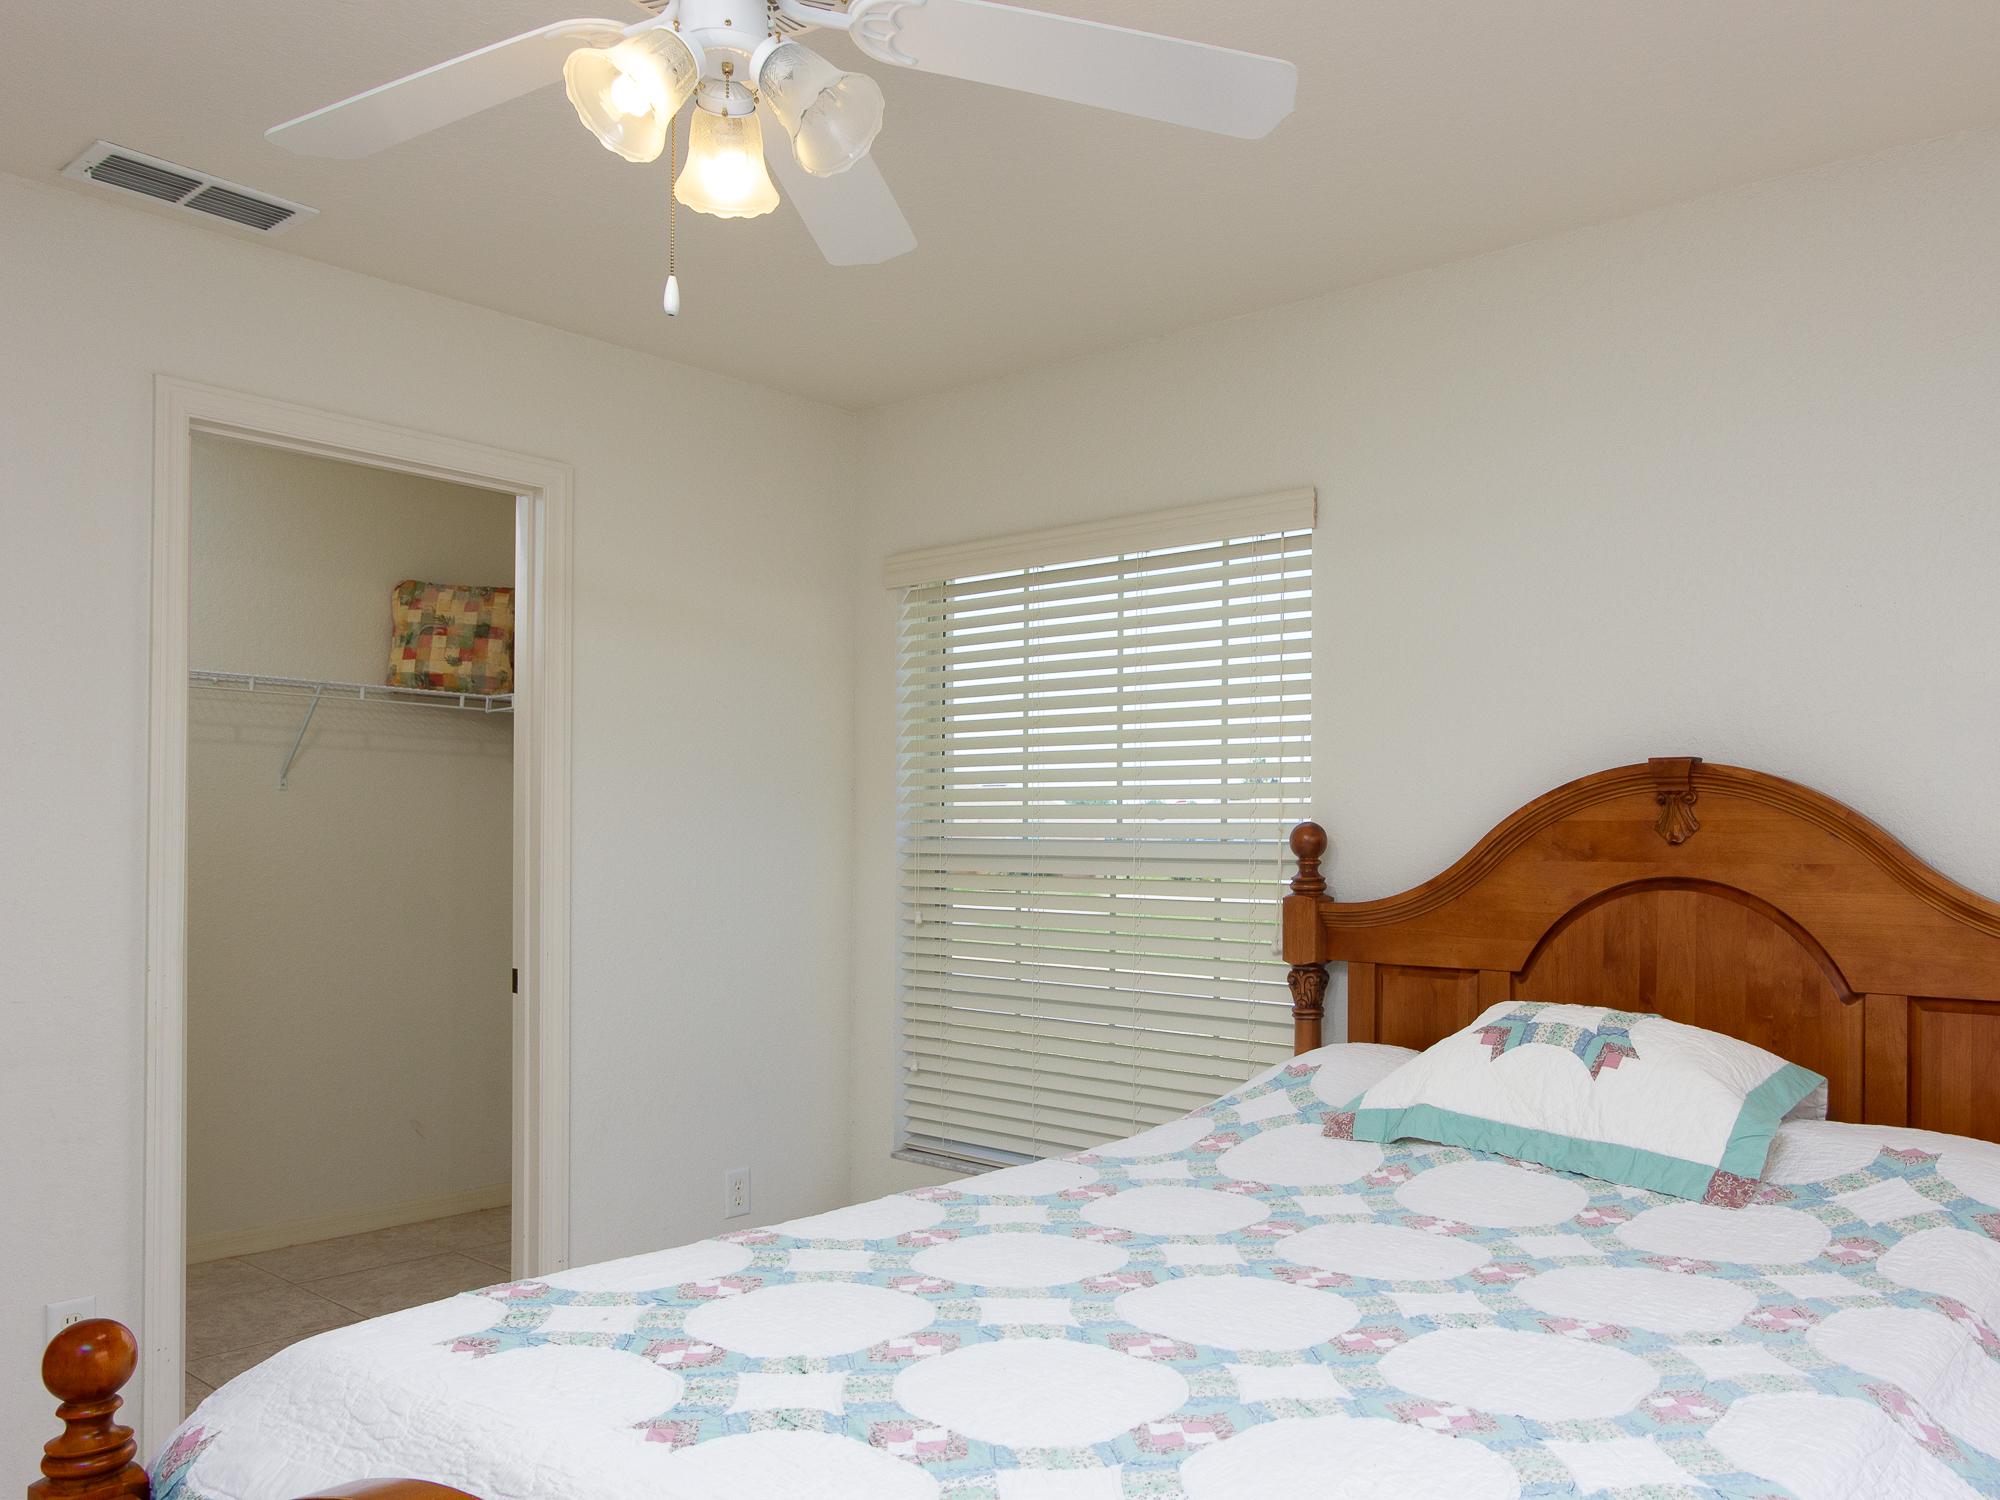 17431-SE-110th-Terrace-Summerfield-FL-34491-114-of-39